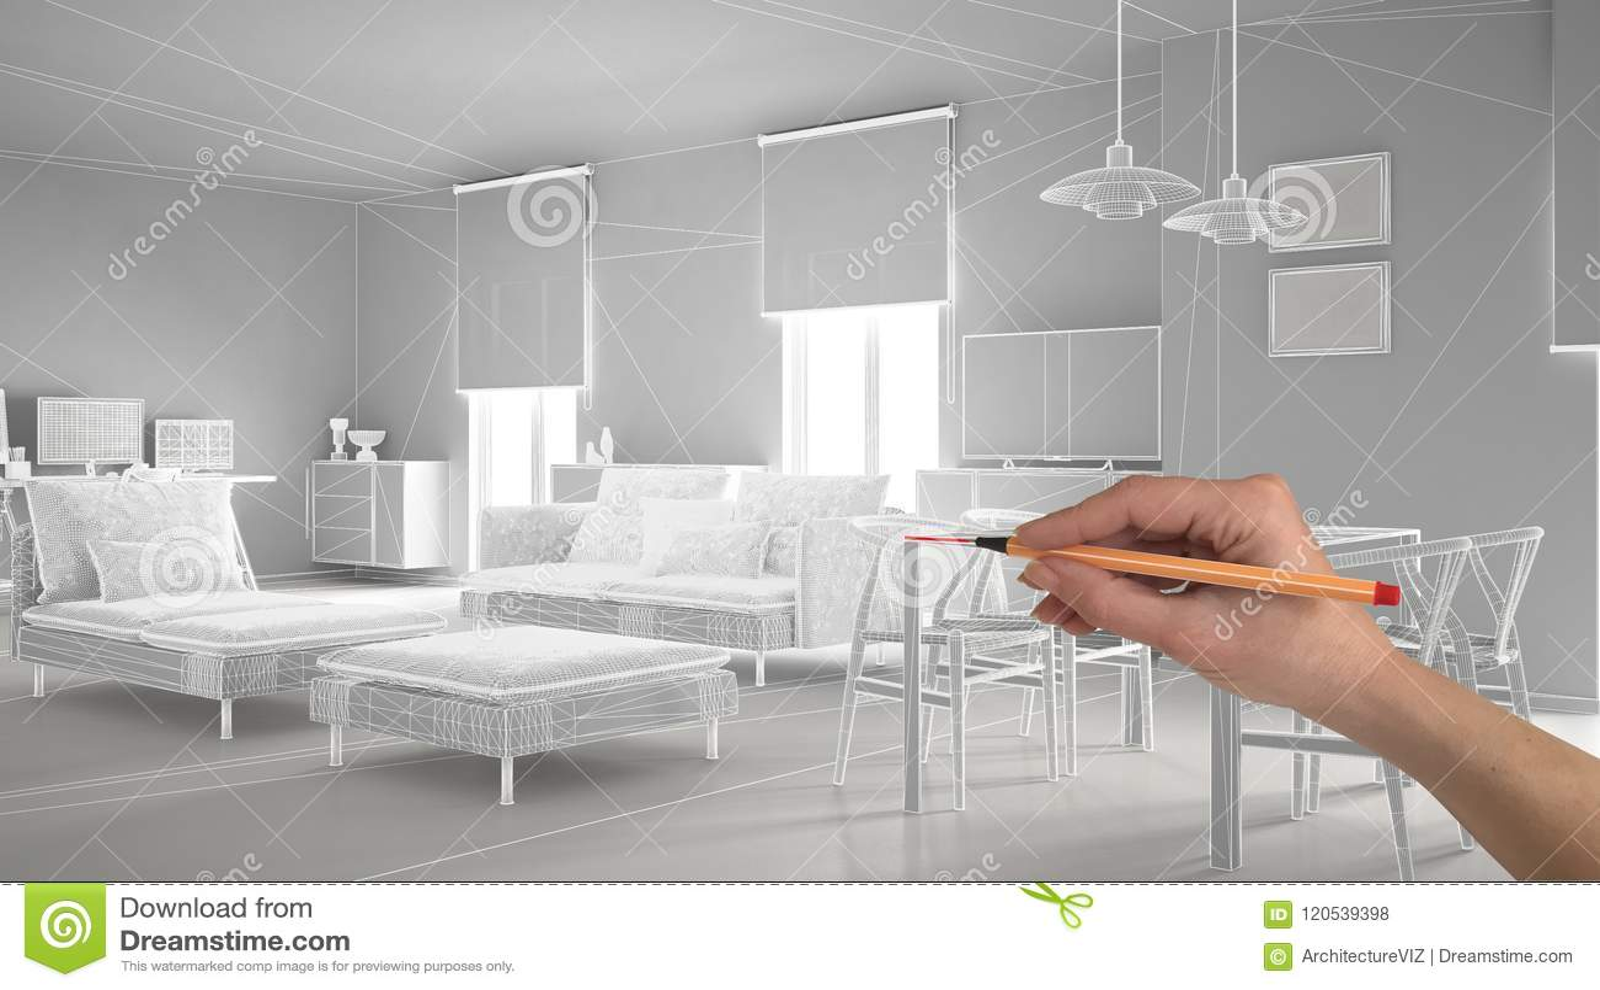 Übergeben Sie zeichnender abstrakter Architektur Innenprojektplanung, modernes Wohnzimmer, wireframe highpoly Maschenbau, weißes